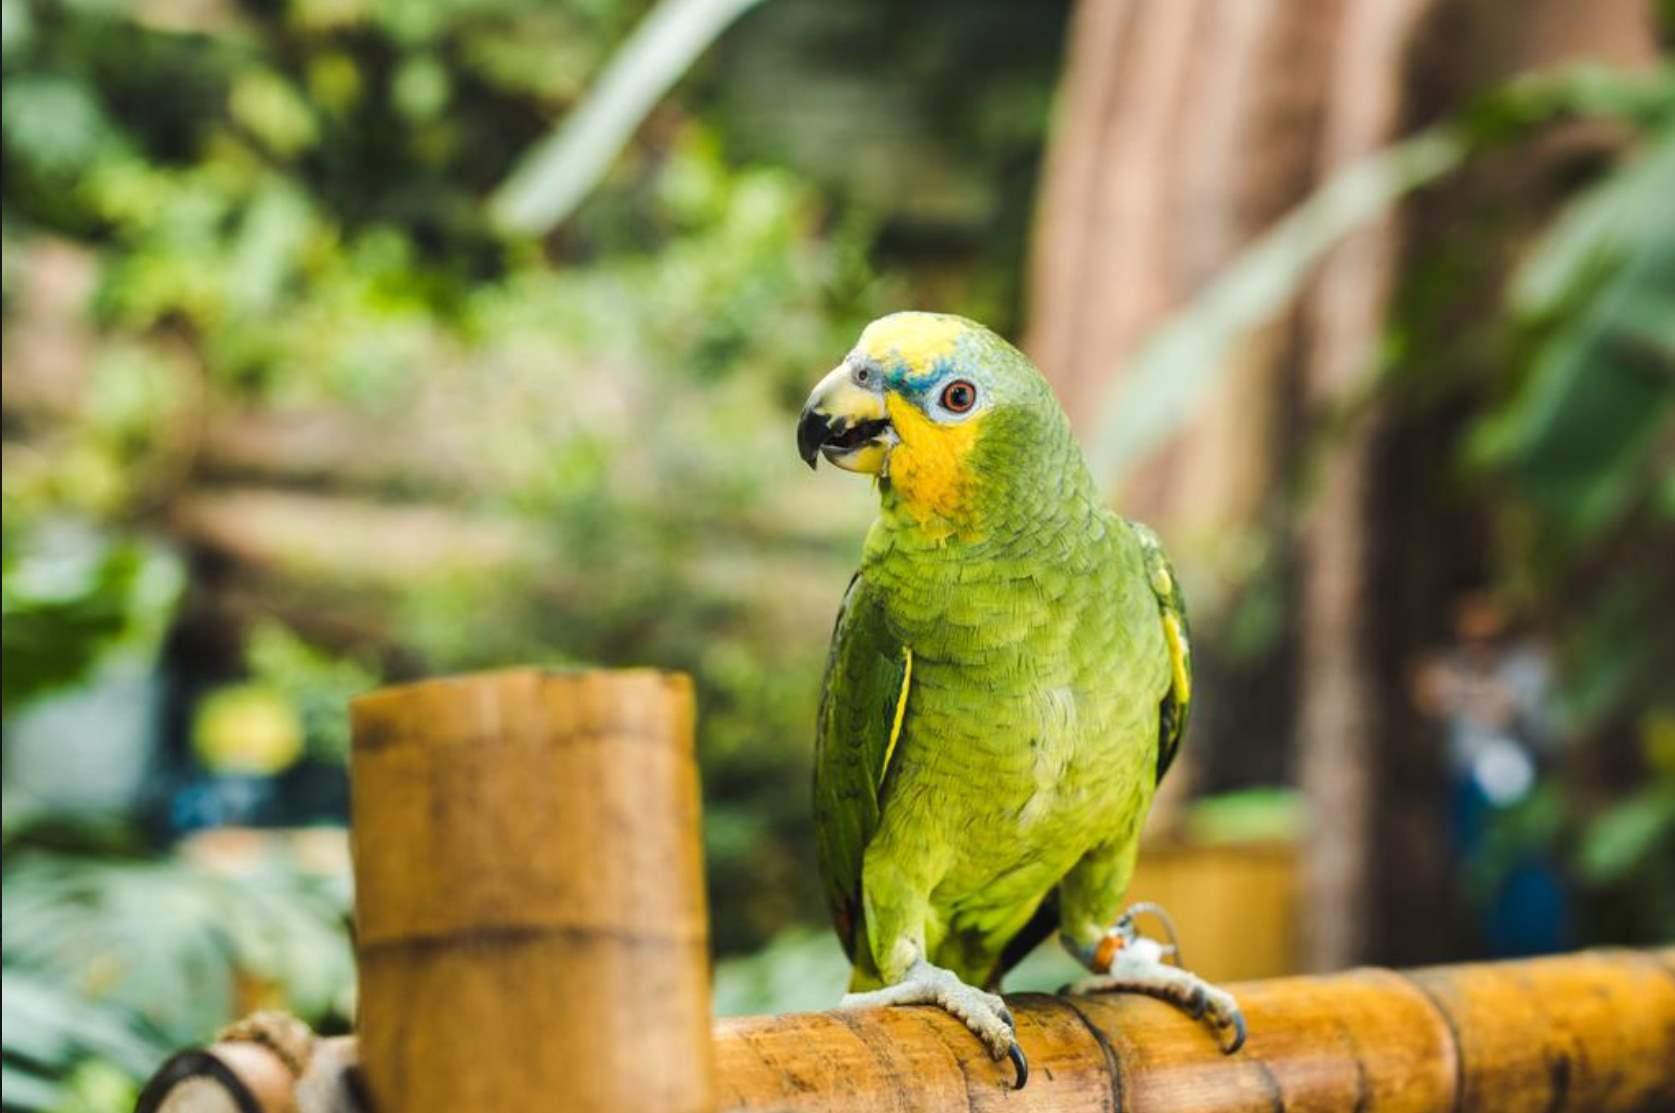 Nume de papagalite - cele mai populare si frumoase nume pentru papagali 9